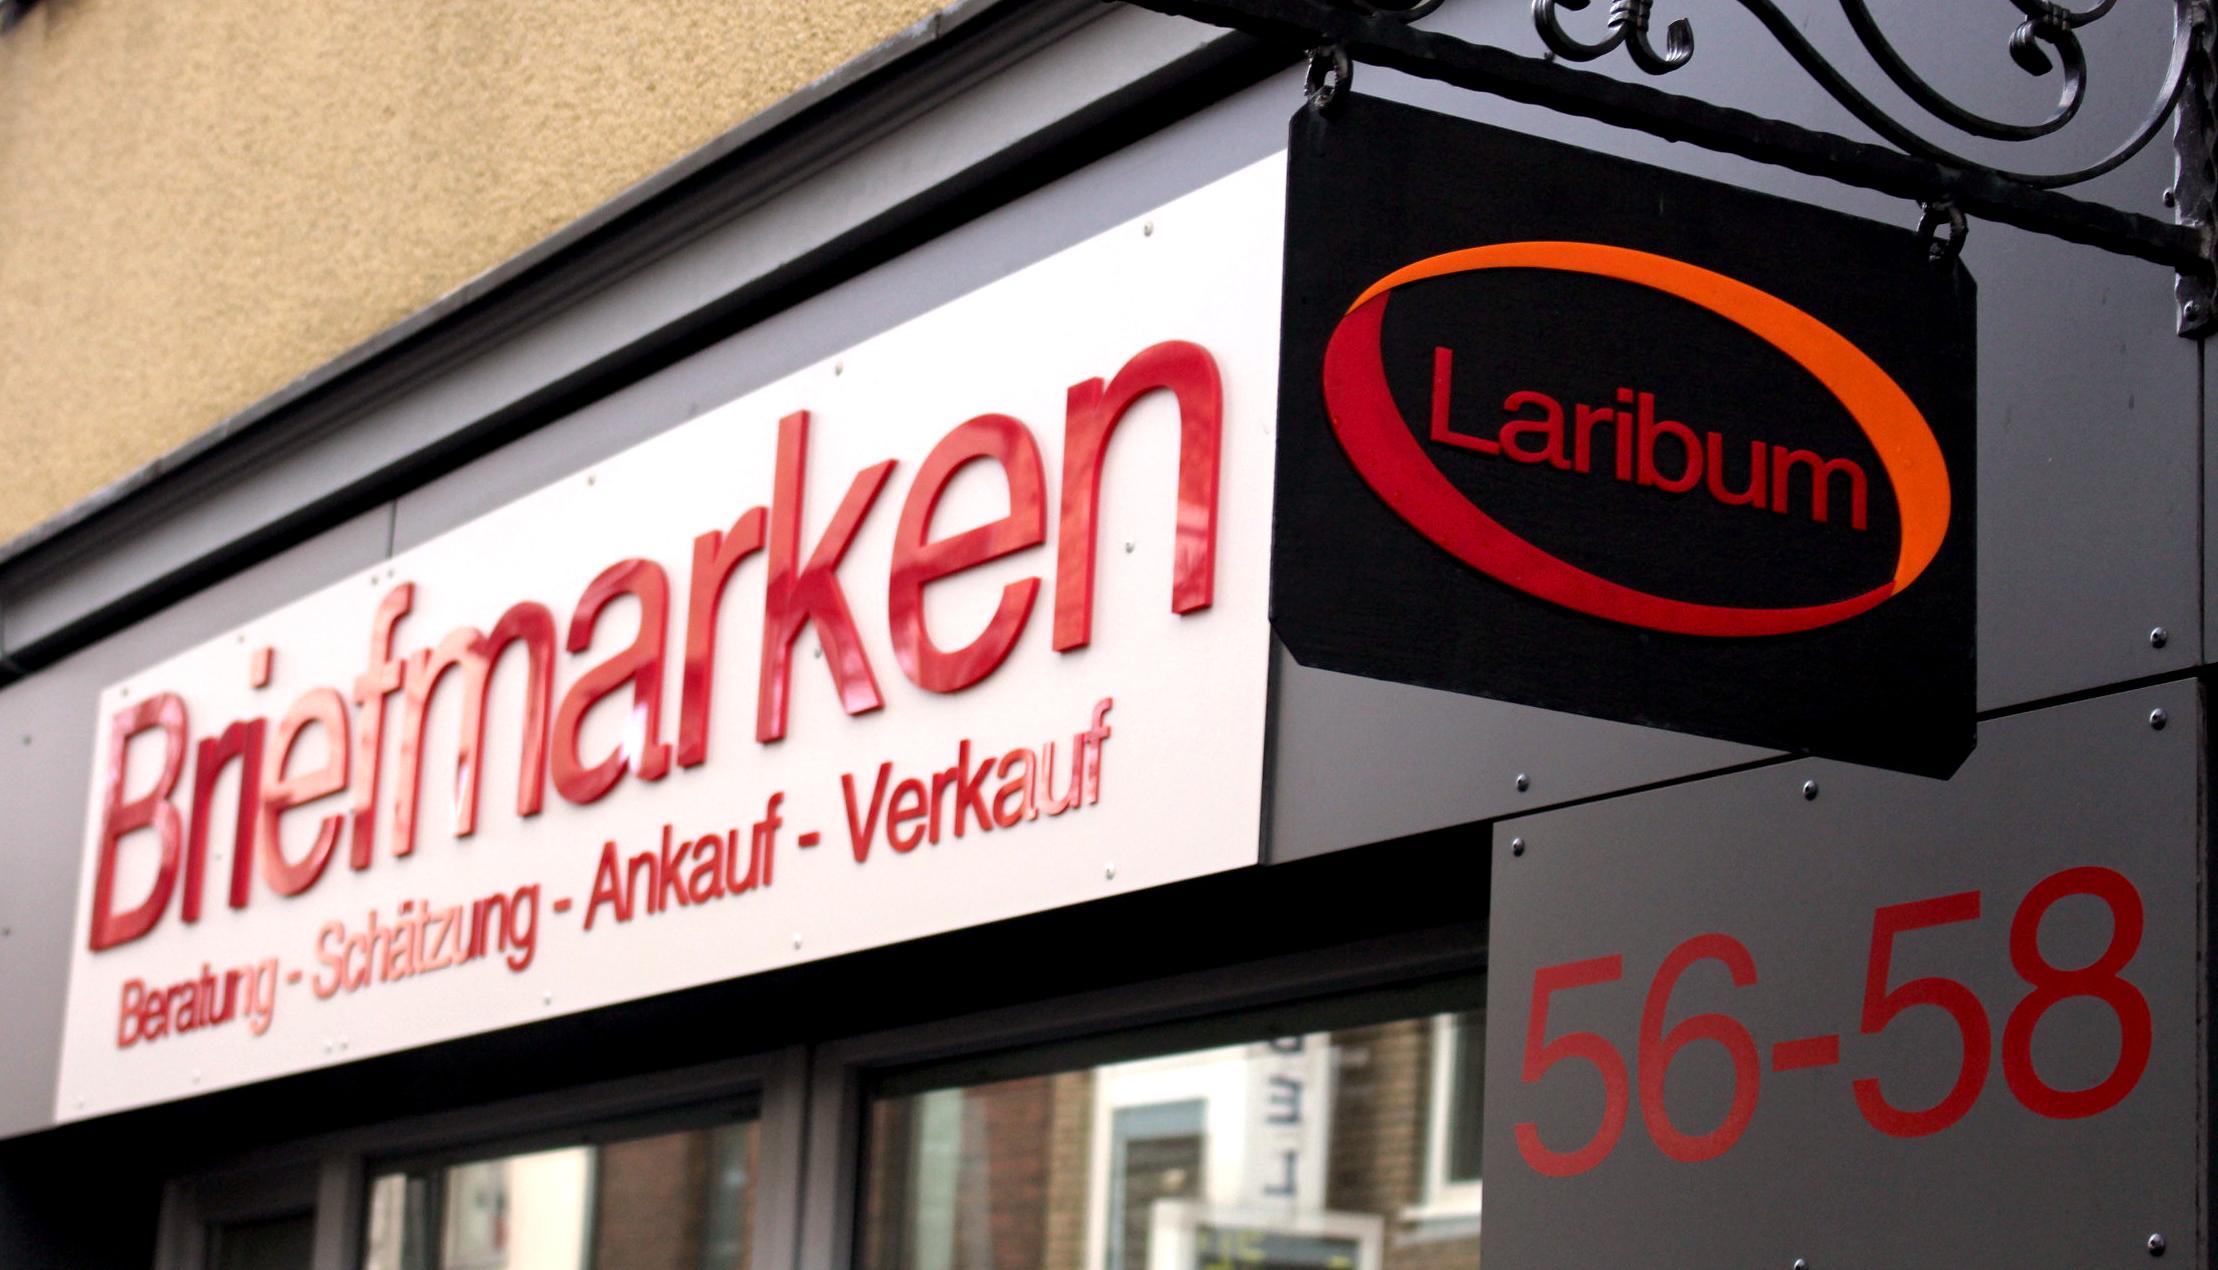 Briefmarkenhandel Laribum Leusch und Schulz GbR